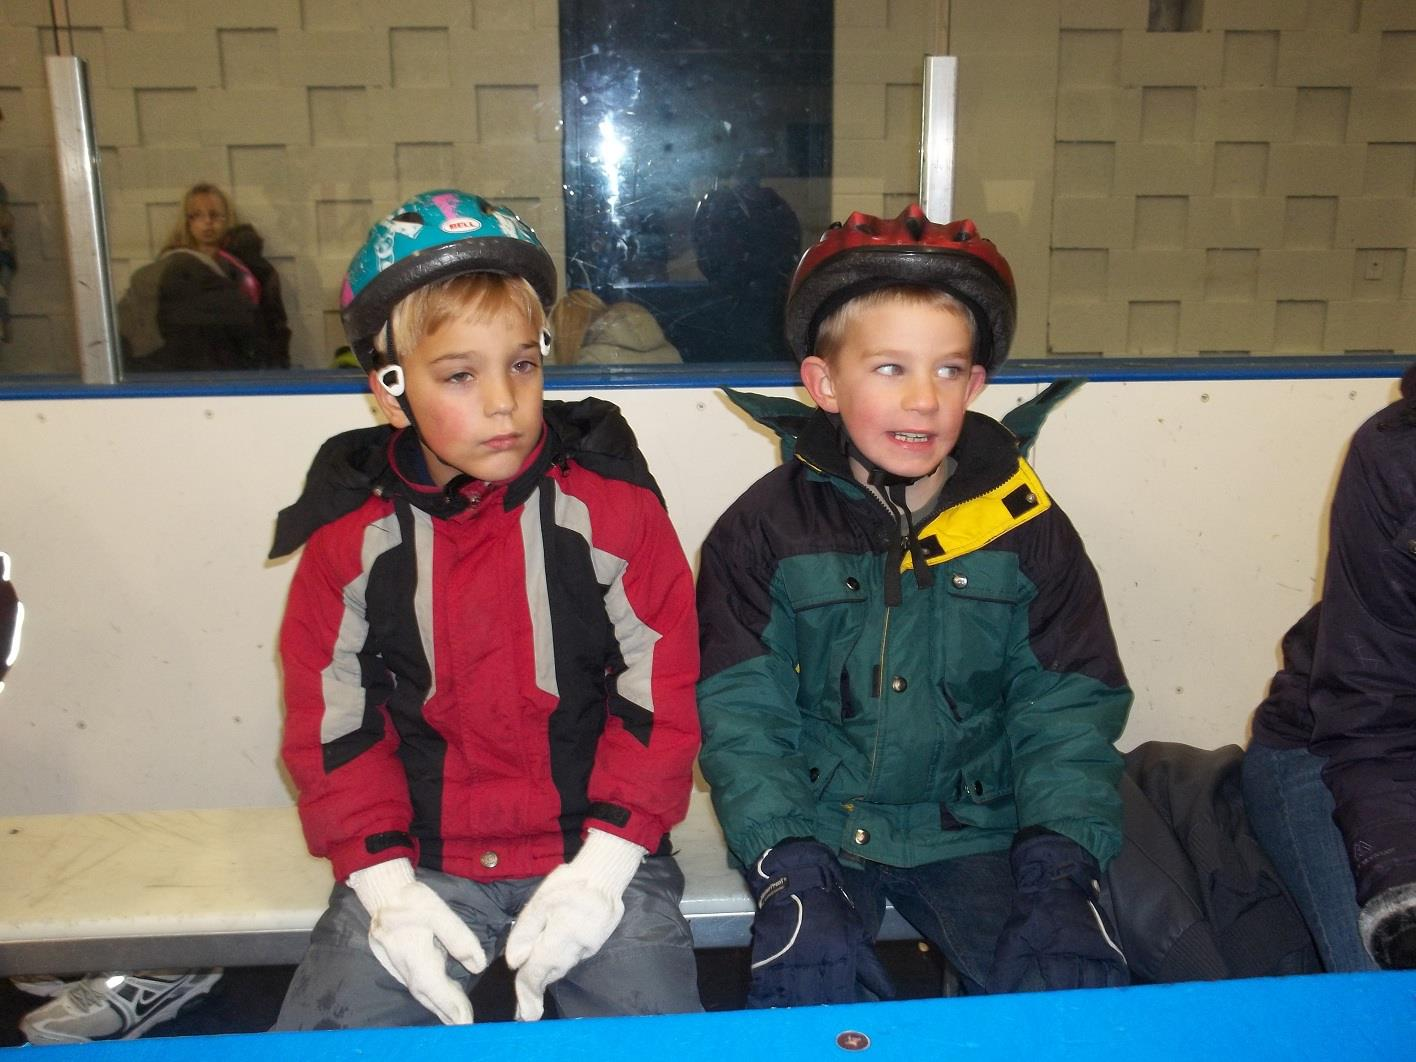 Skating 010.jpg